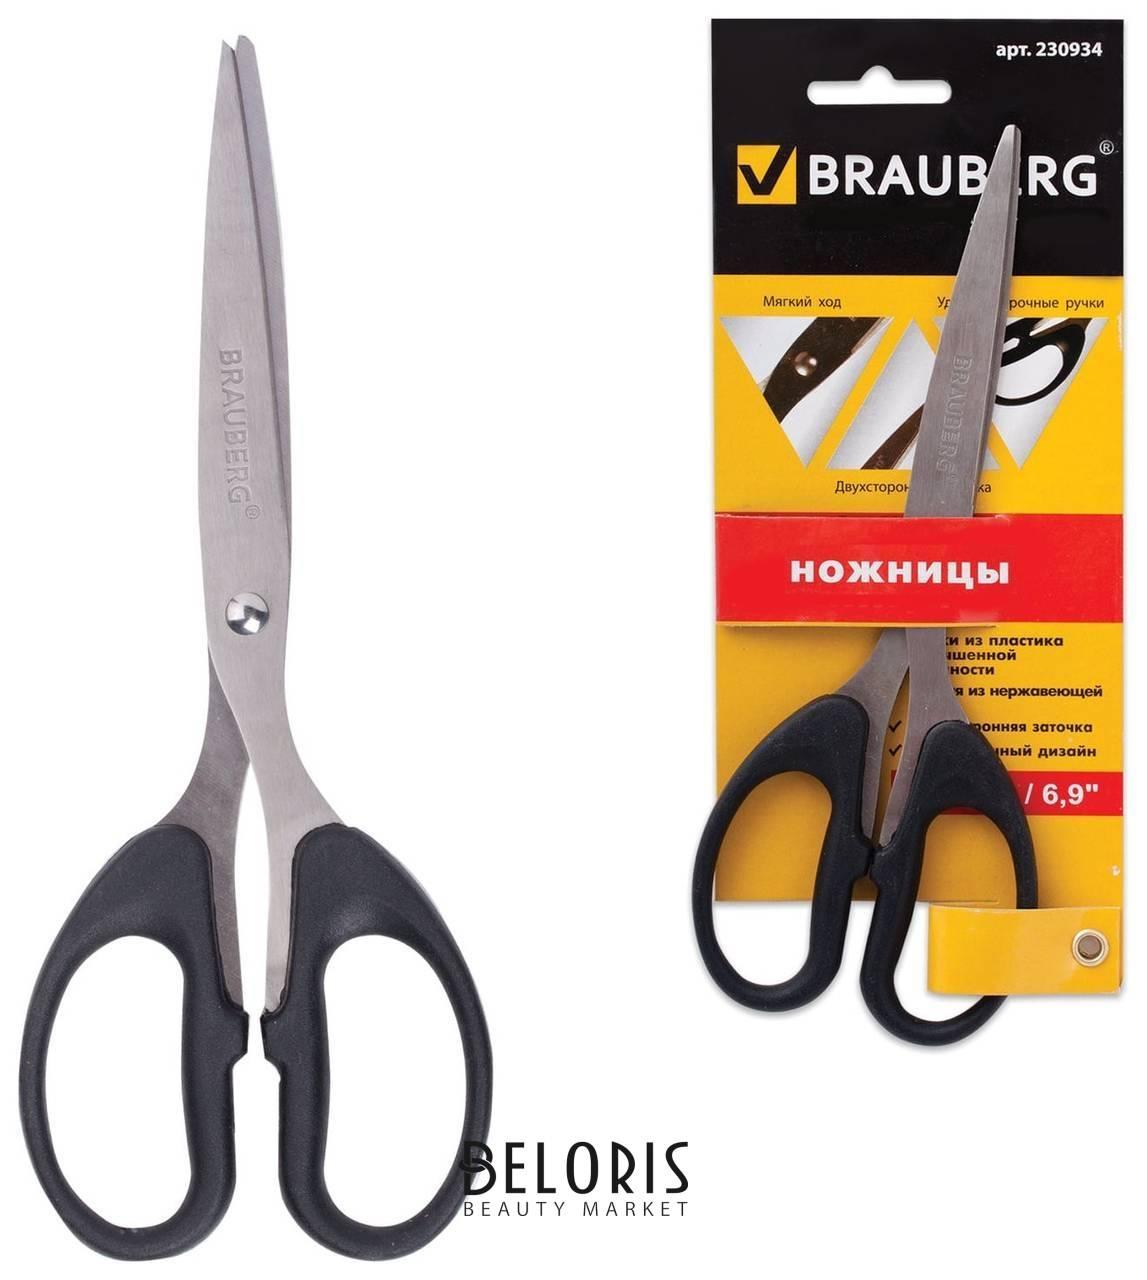 Ножницы Classic классической формы чёрные 2-х сторонняя заточка Brauberg